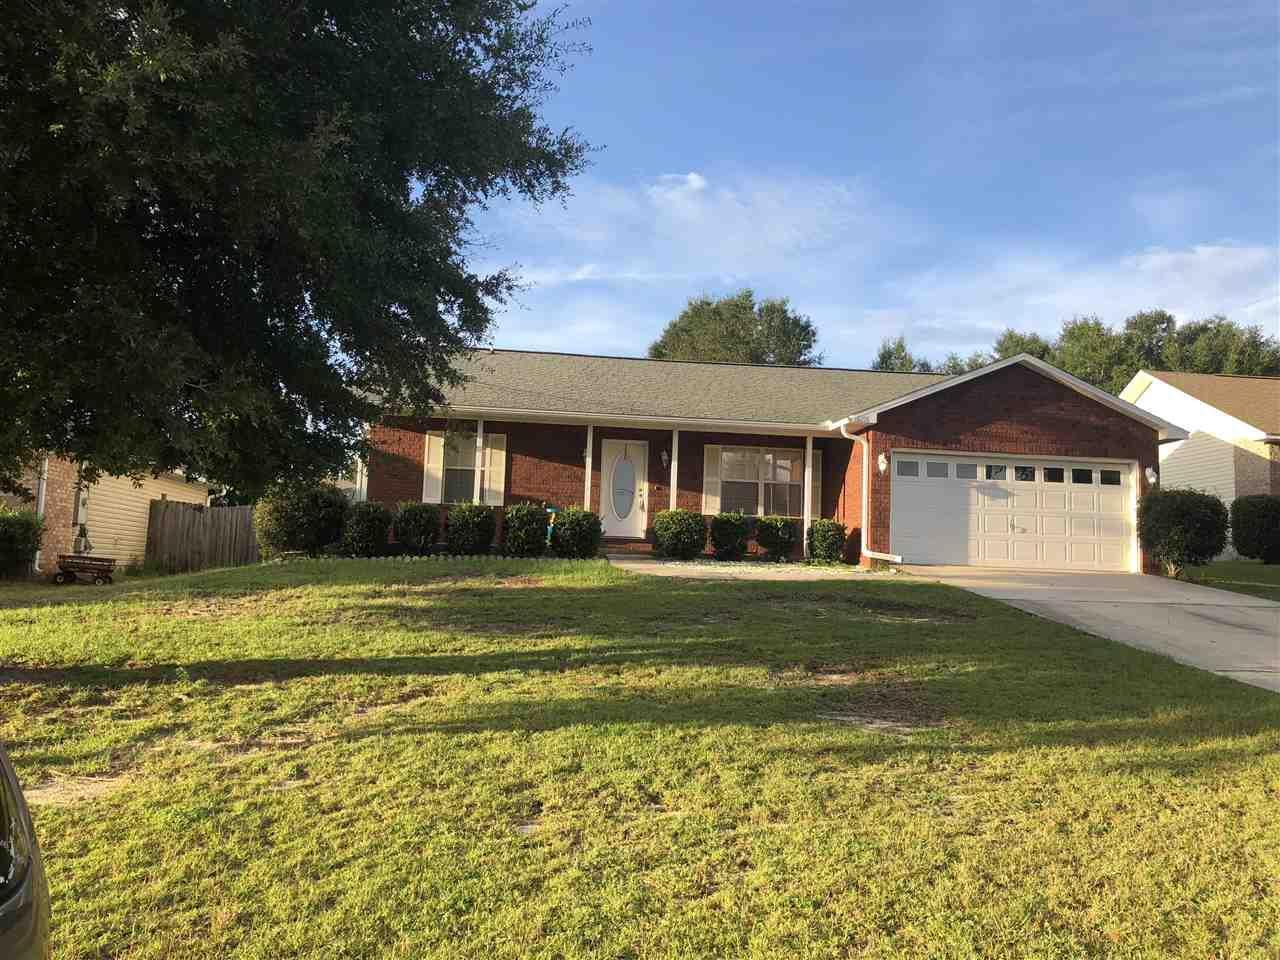 6126 Ashton Woods Cir, Milton, FL 32570